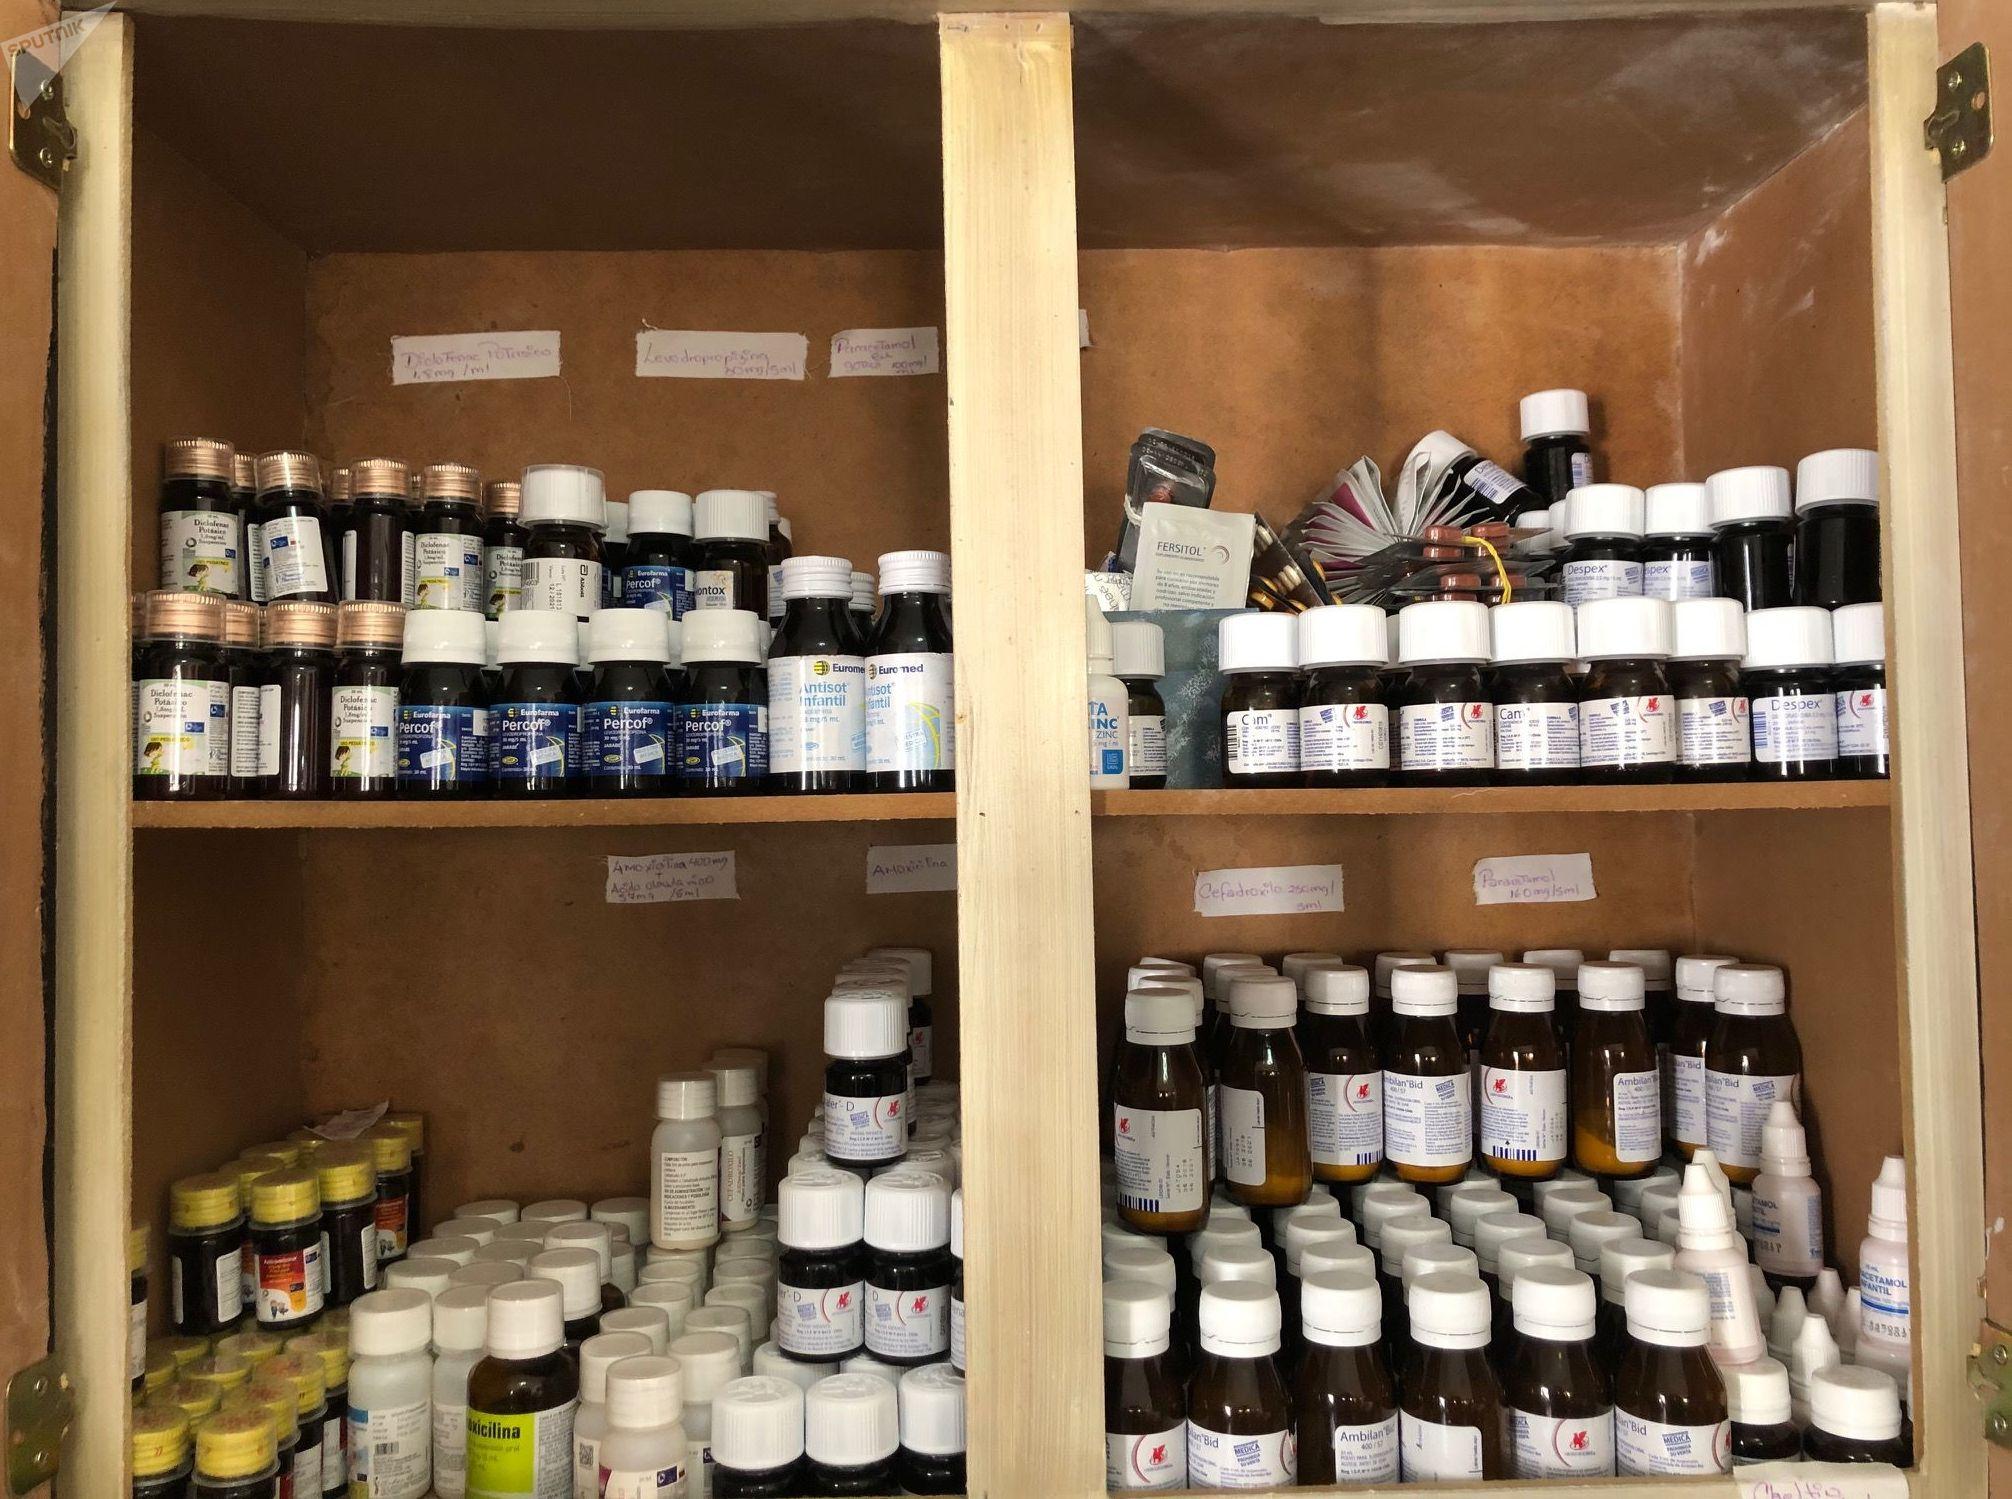 Medicamentos recopilados por la Comuna Socialista Altos de Lídice ordenados en las estanterías de su farmacia comunal